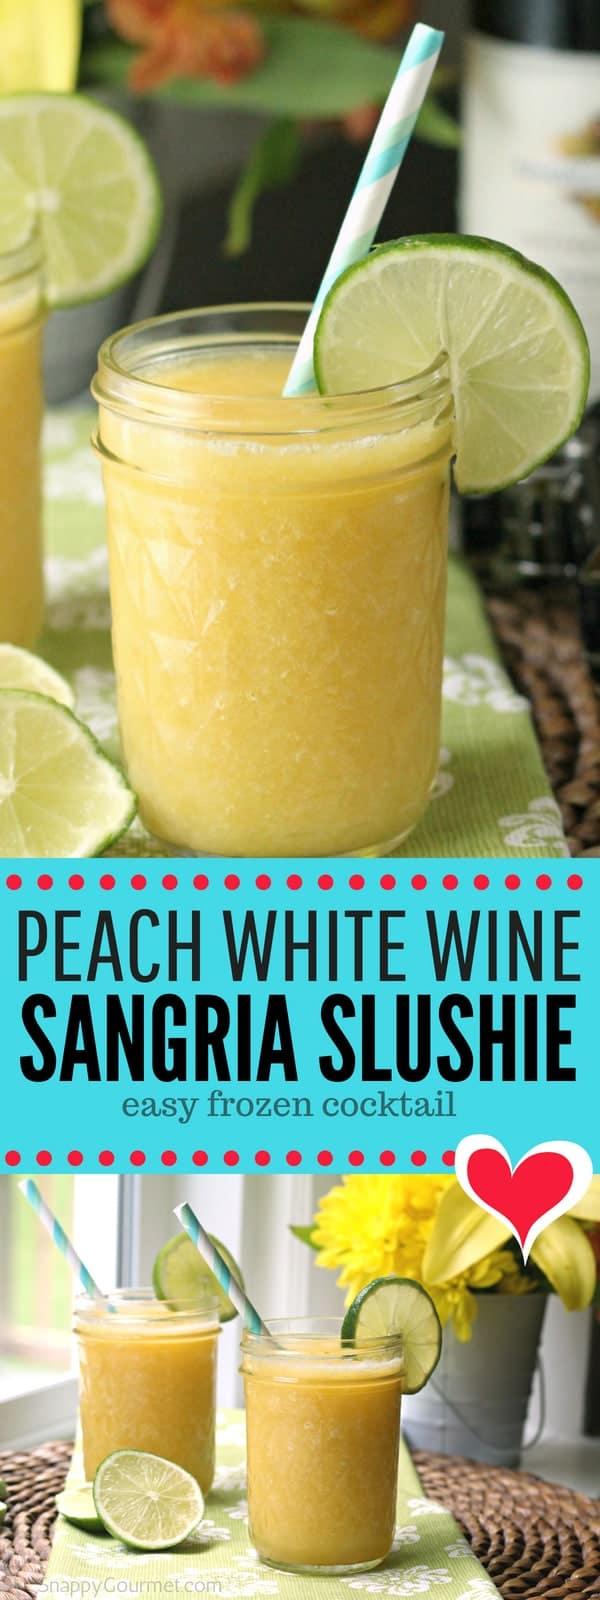 Peach White Wine Sangria Slushie - easy frozen cocktail recipe